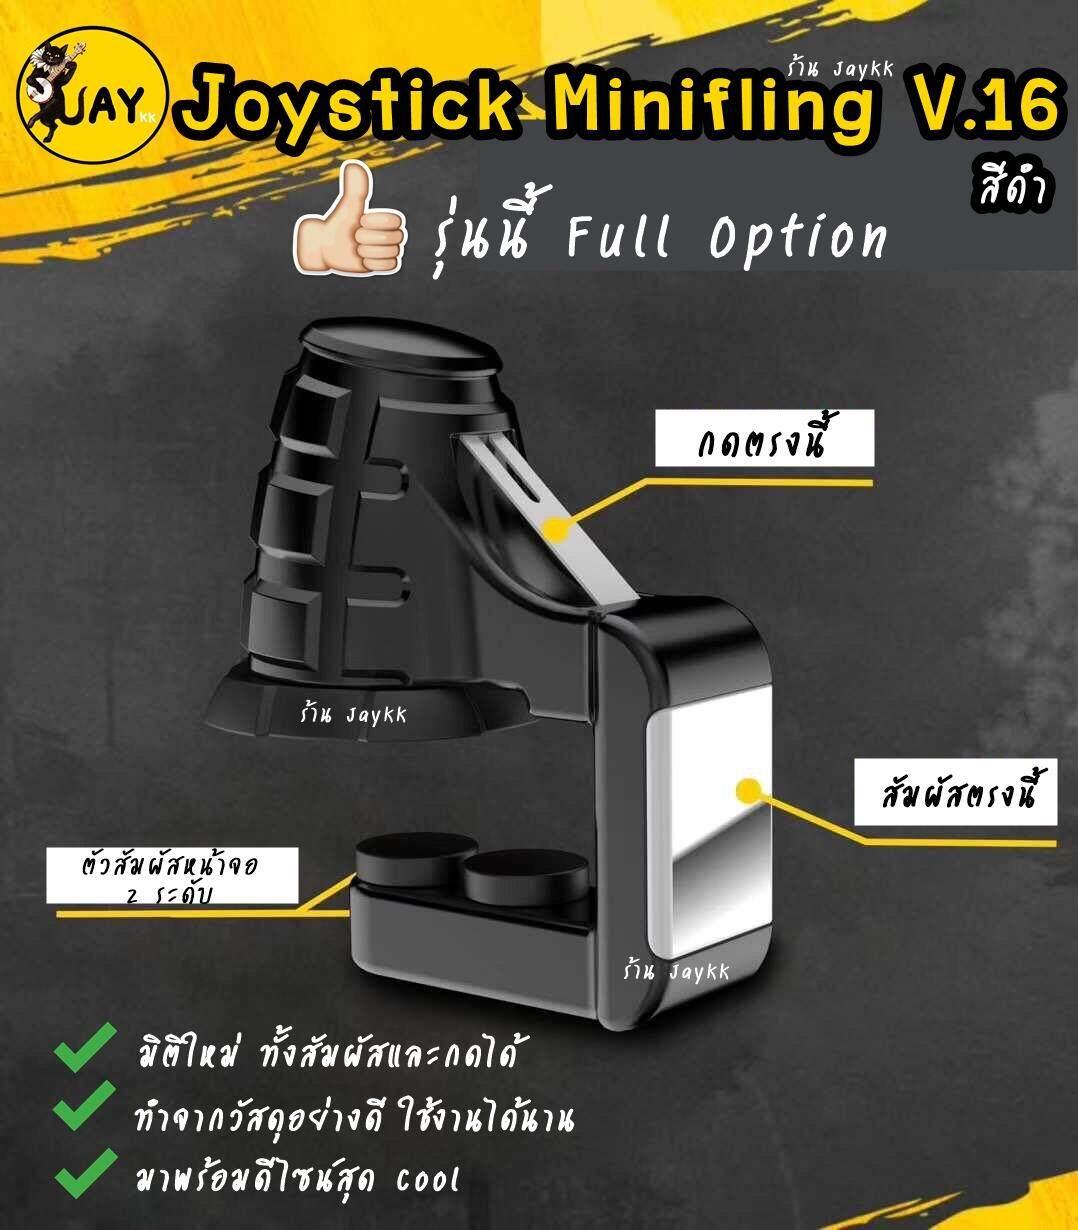 Joystick Mini Fling V.16 ลูกระเบิด 2ระบบ เตะ กด สัมผัส !!! Ros Pubg Free Fire ใช้ได้หมด (ได้เป็นคู่).